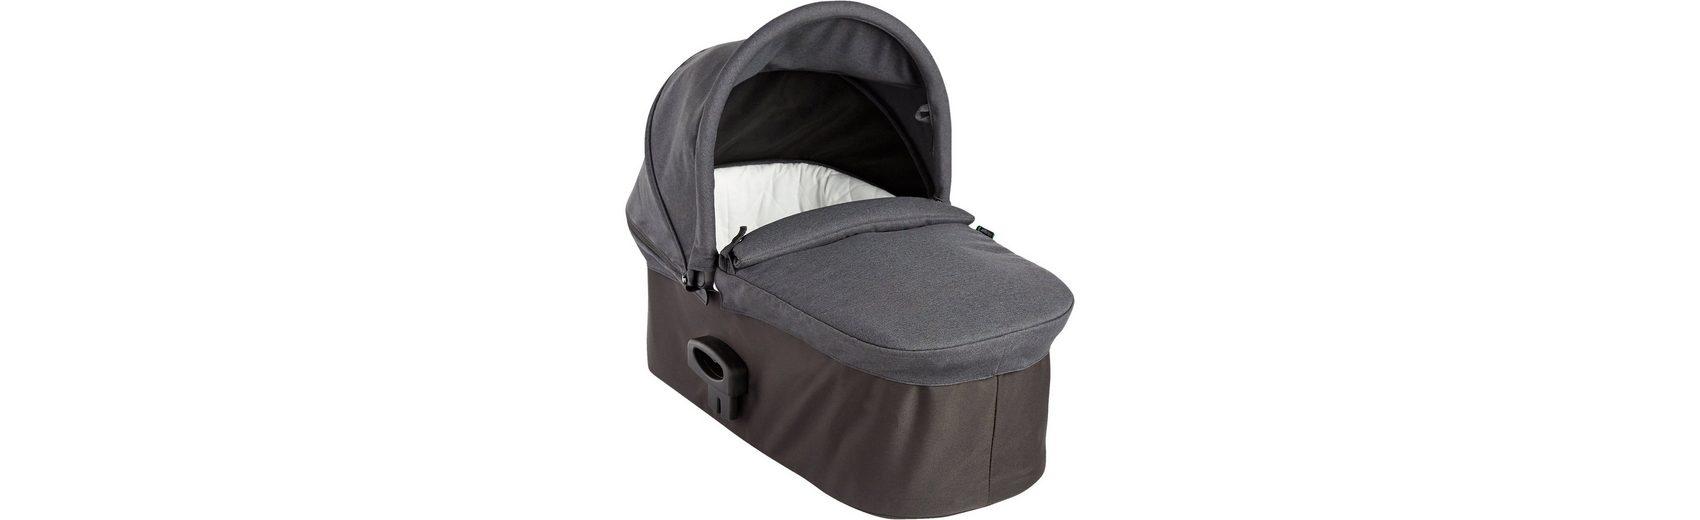 Baby Jogger Kinderwagenaufsatz Deluxe für City Mini, City Elite & Summit